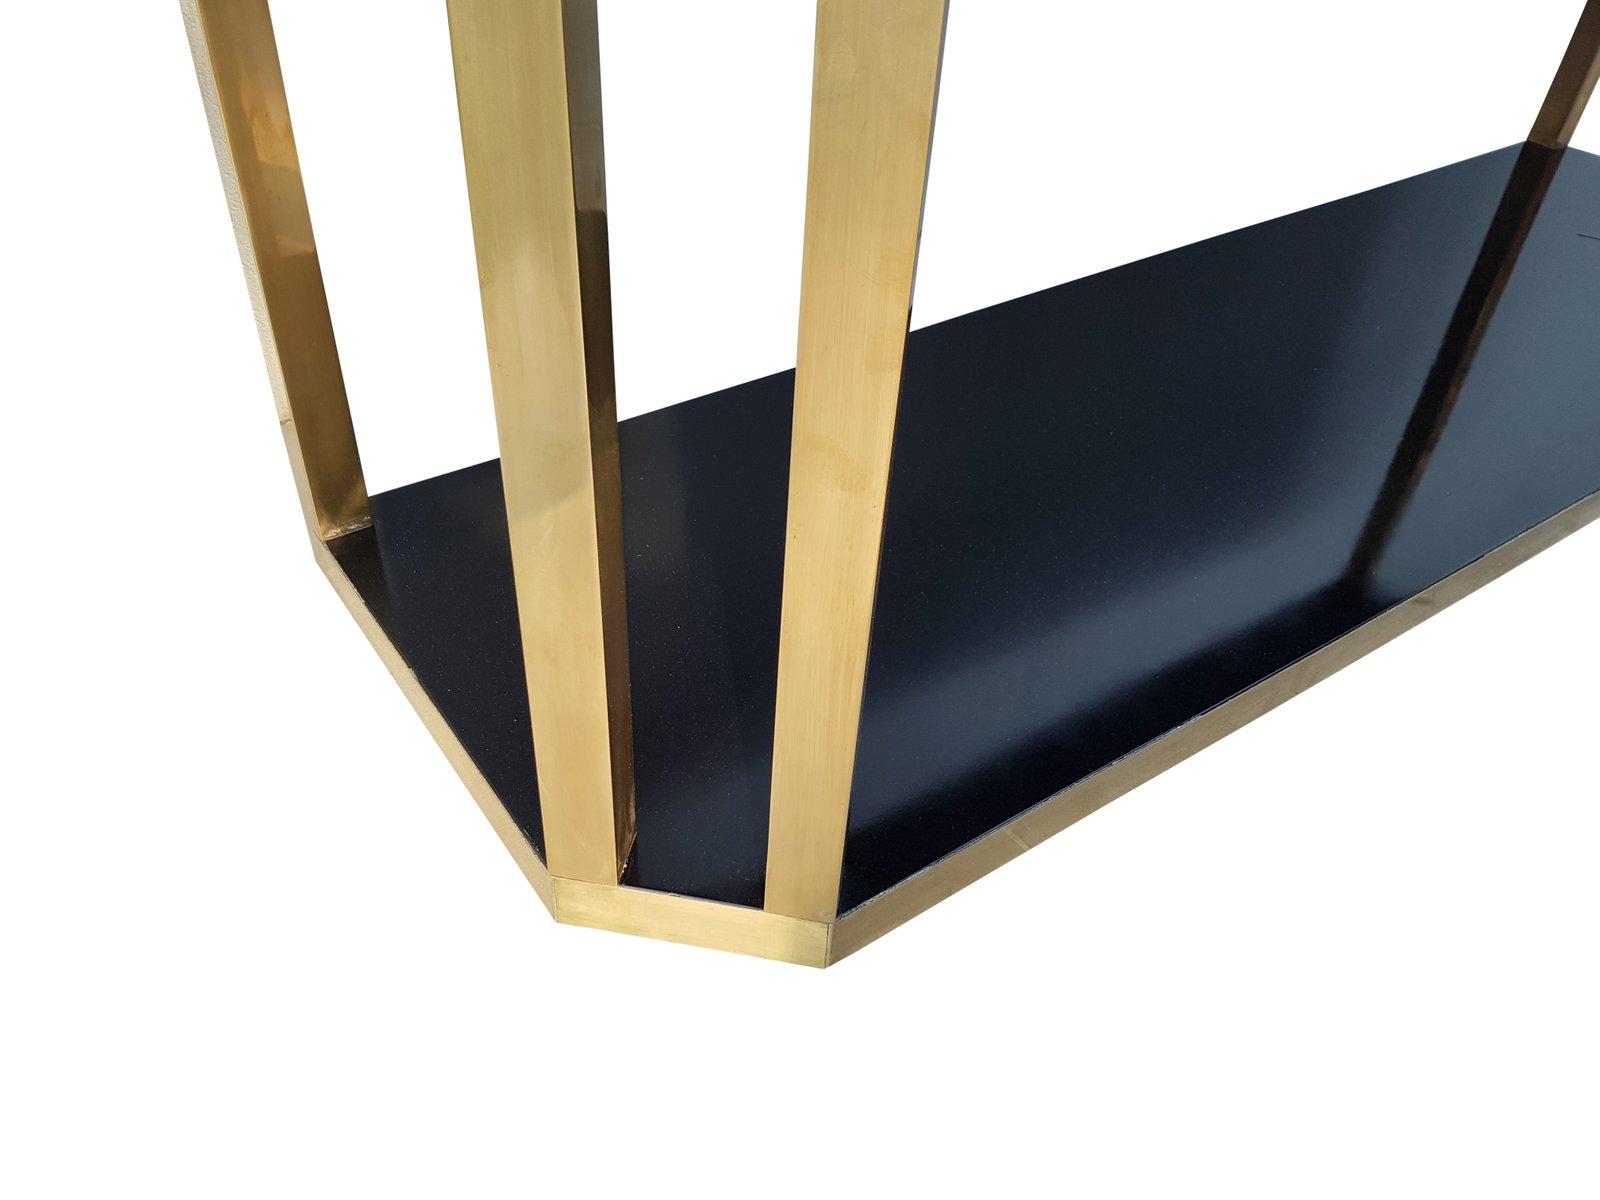 table console en laiton noir de jean claude mahey france 1970s en vente sur pamono. Black Bedroom Furniture Sets. Home Design Ideas